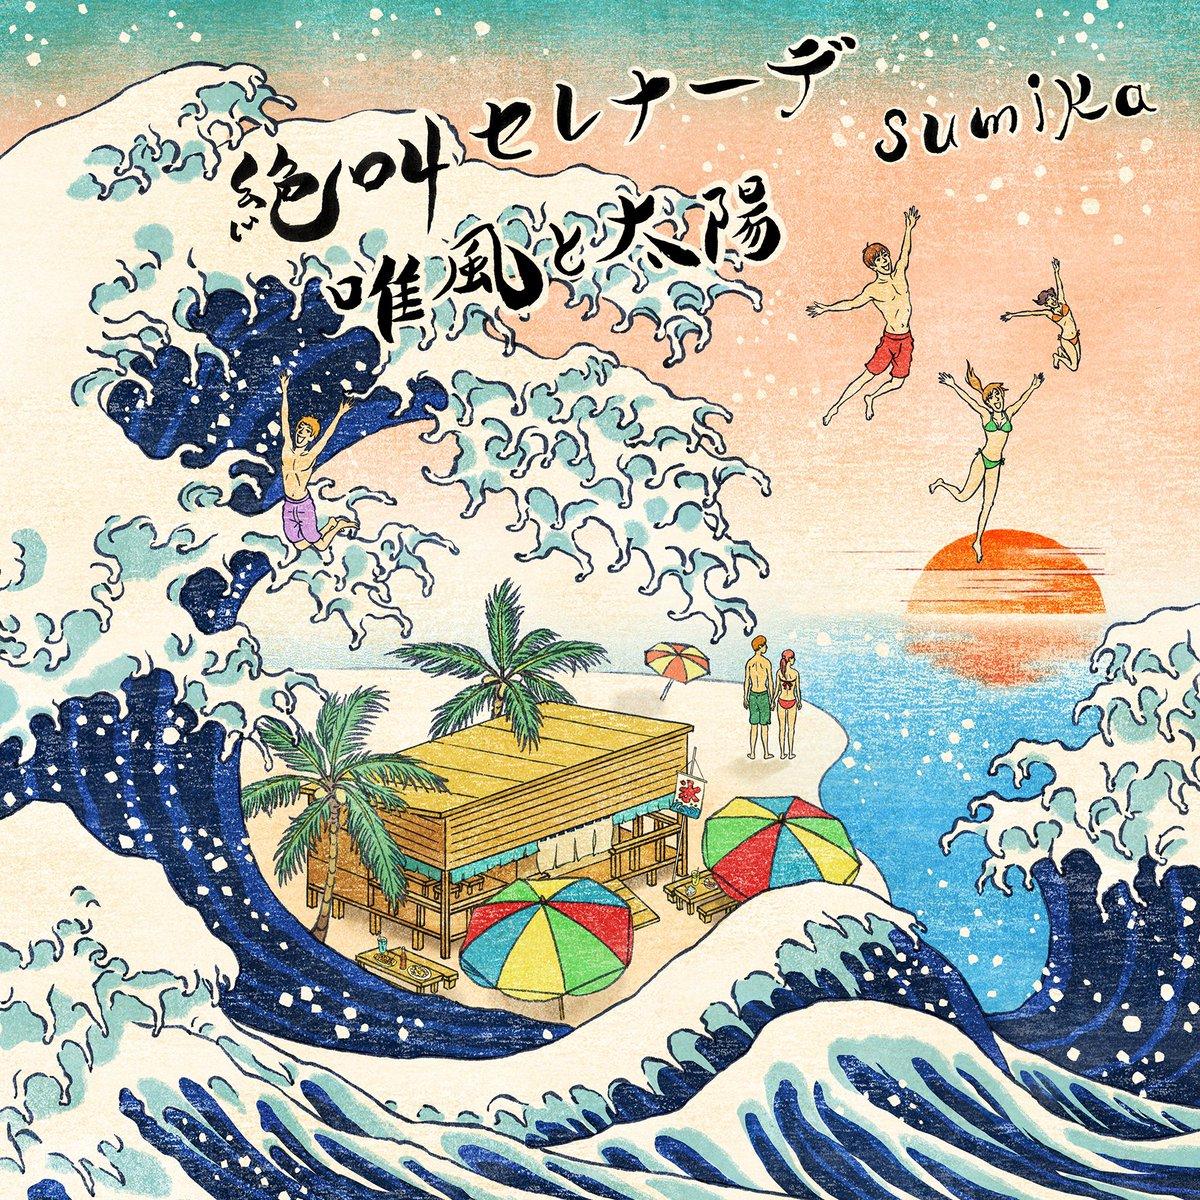 sumika - 絶叫セレナーデ [2020.07.29+AAC+RAR]